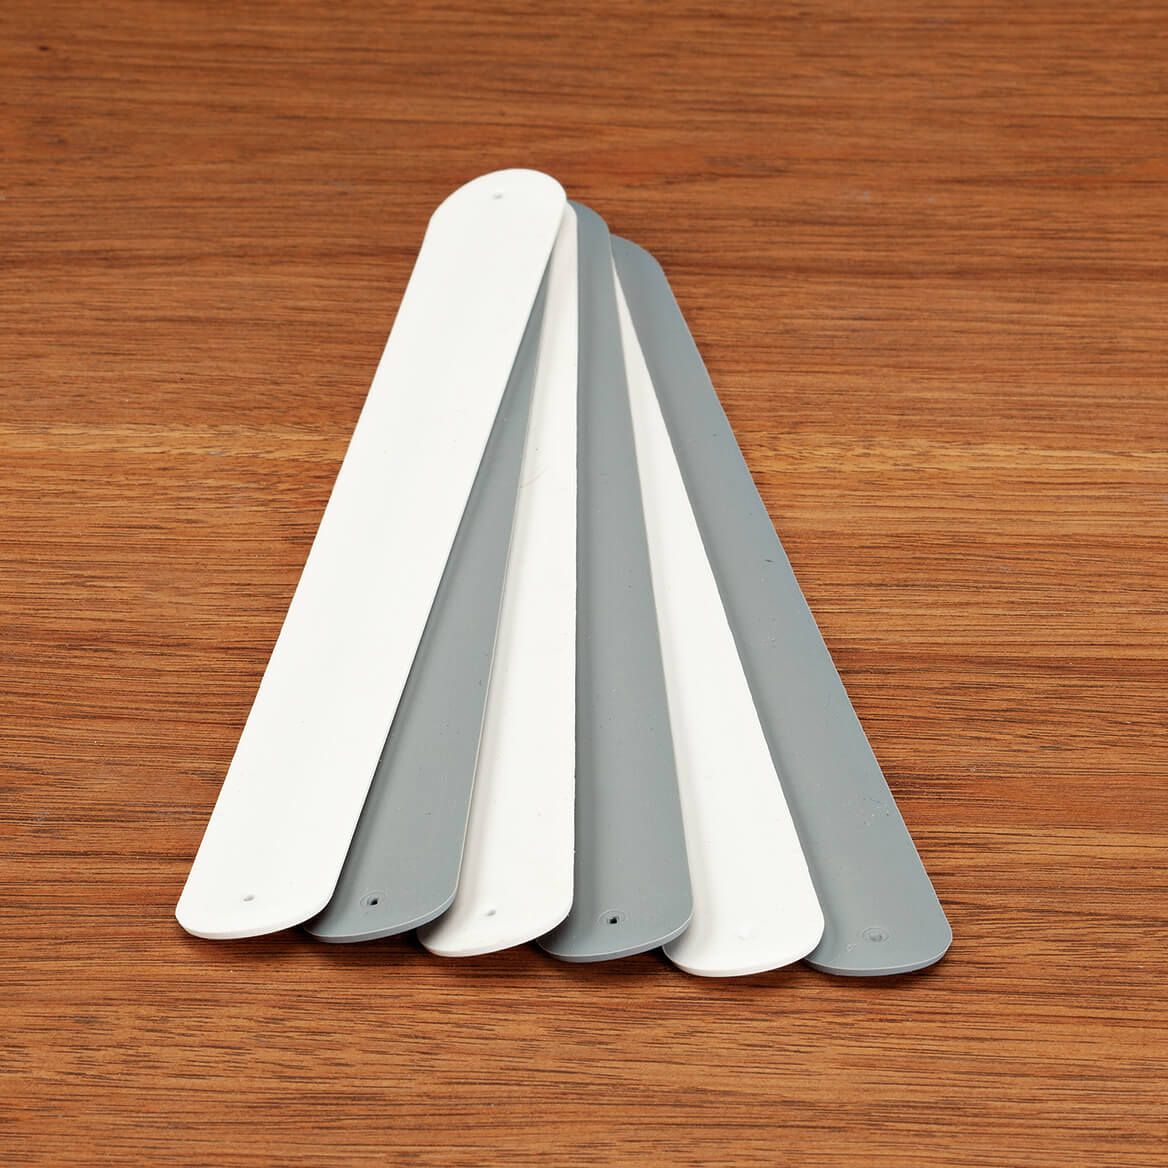 Silicone Flip Wraps Set of 6-370847